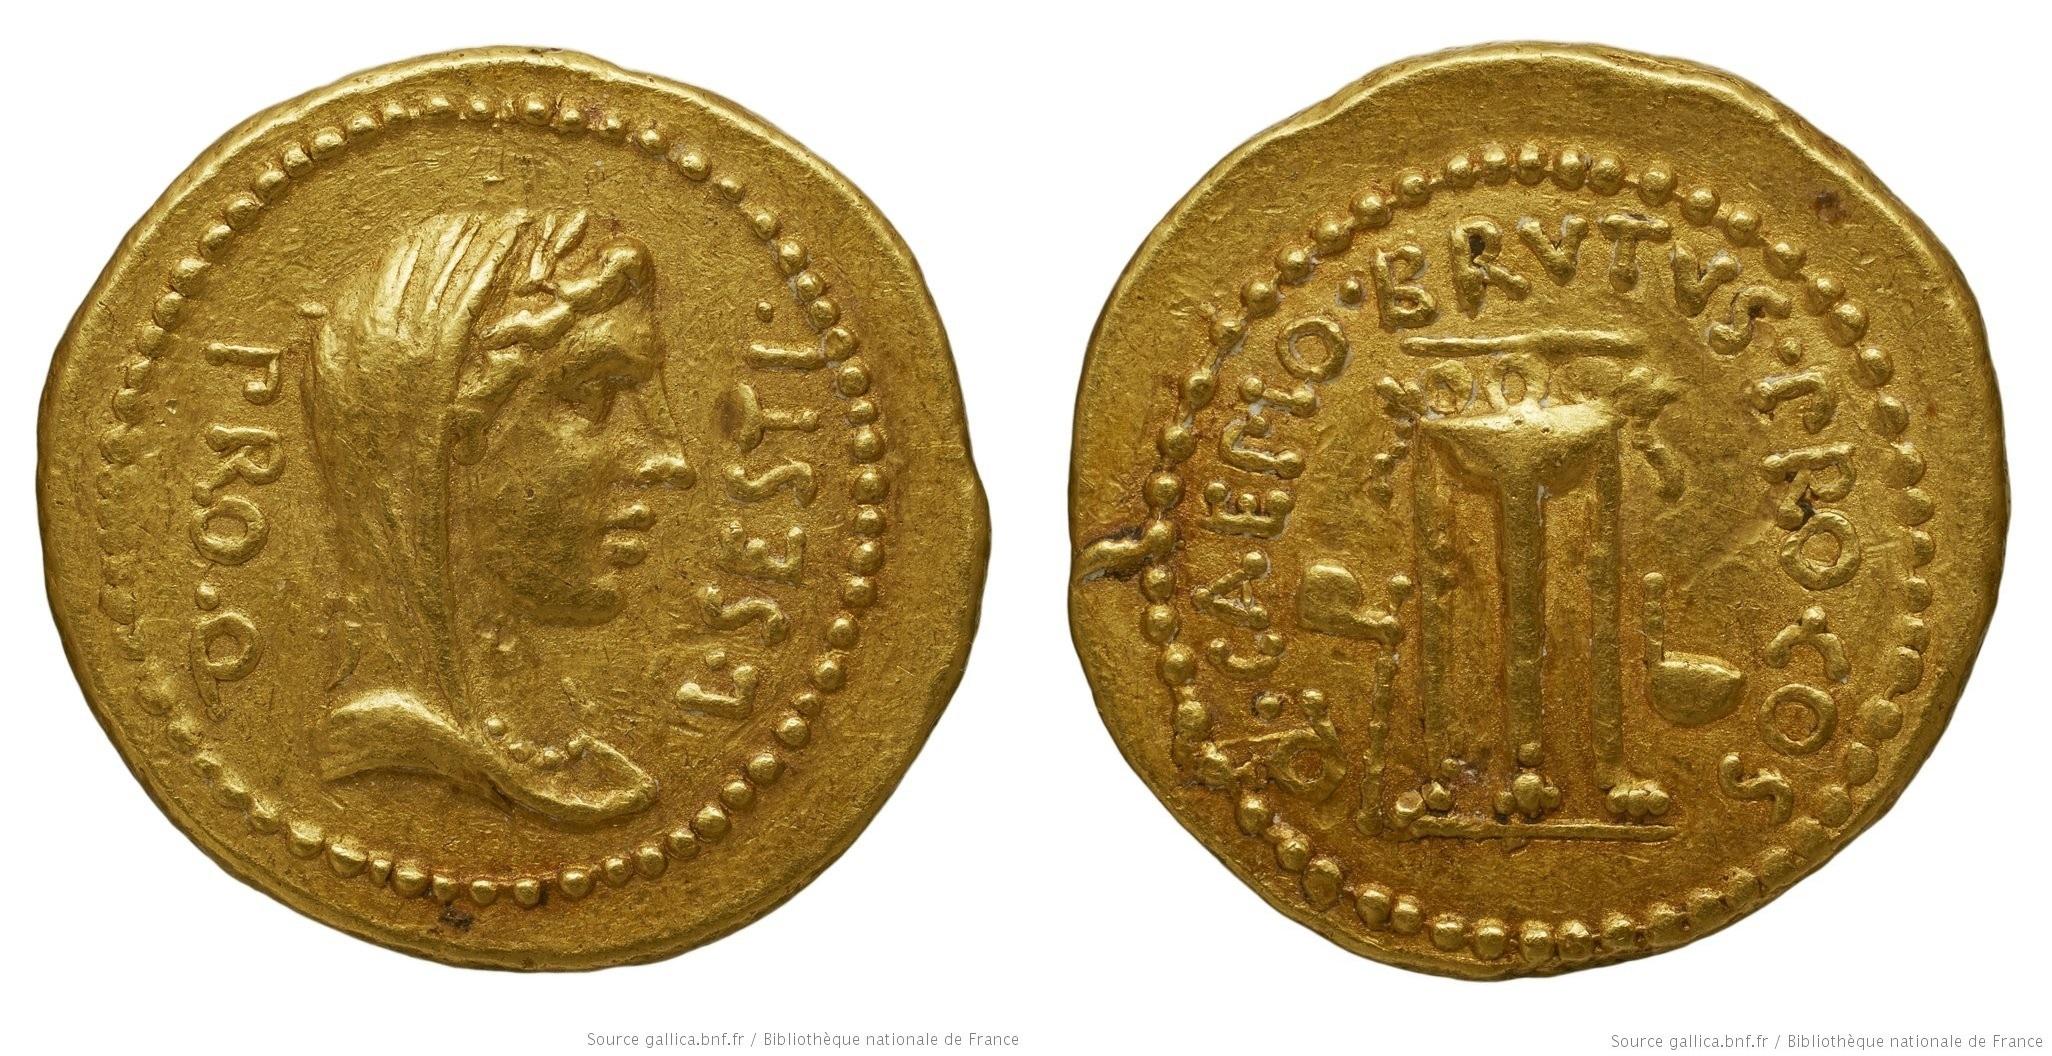 You are currently viewing 1641JU – Aureus Brutus – Lucius Sestius Quirinalis